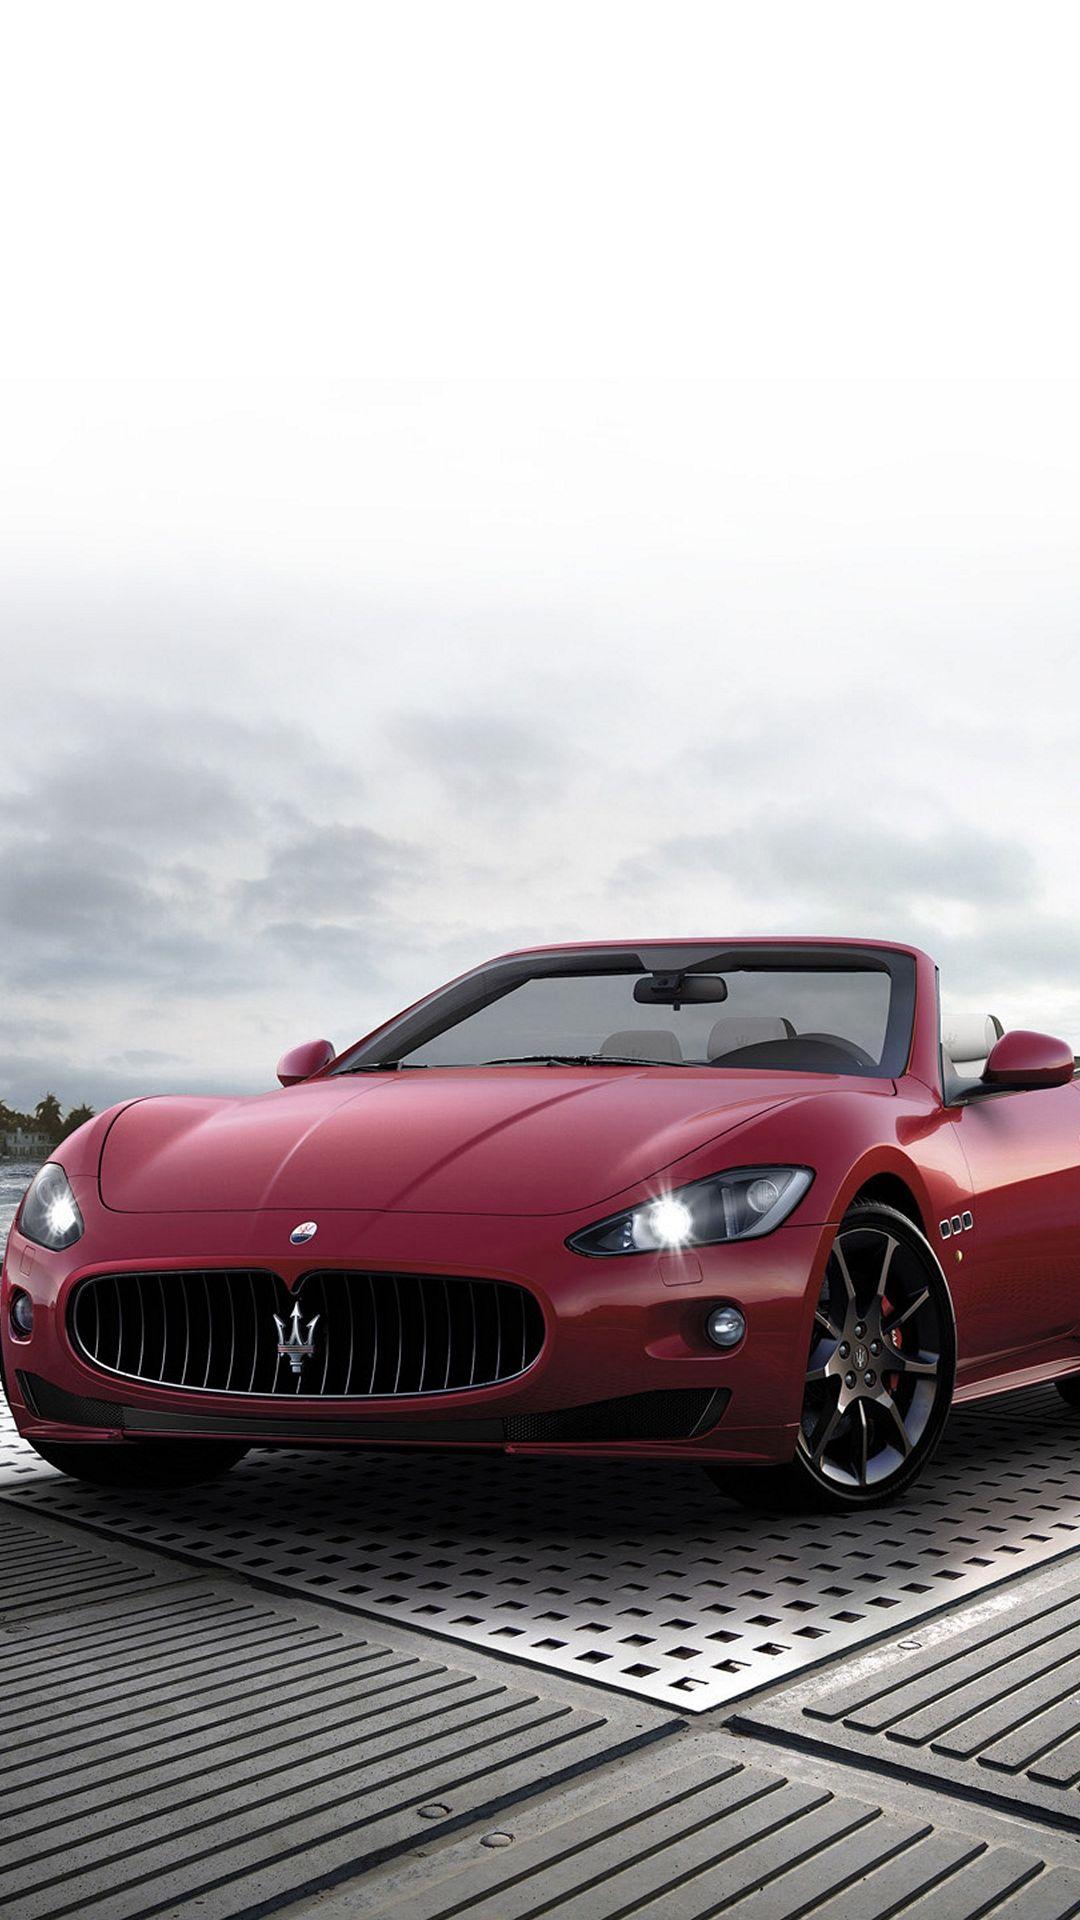 Elegant Maserati GranTurismo Cabrio IPhone 6 Plus HD Wallpaper    Http://freebestpicture.com/maserati Granturismo  Cabrio Iphone 6 Plus Hd Wallpaper/